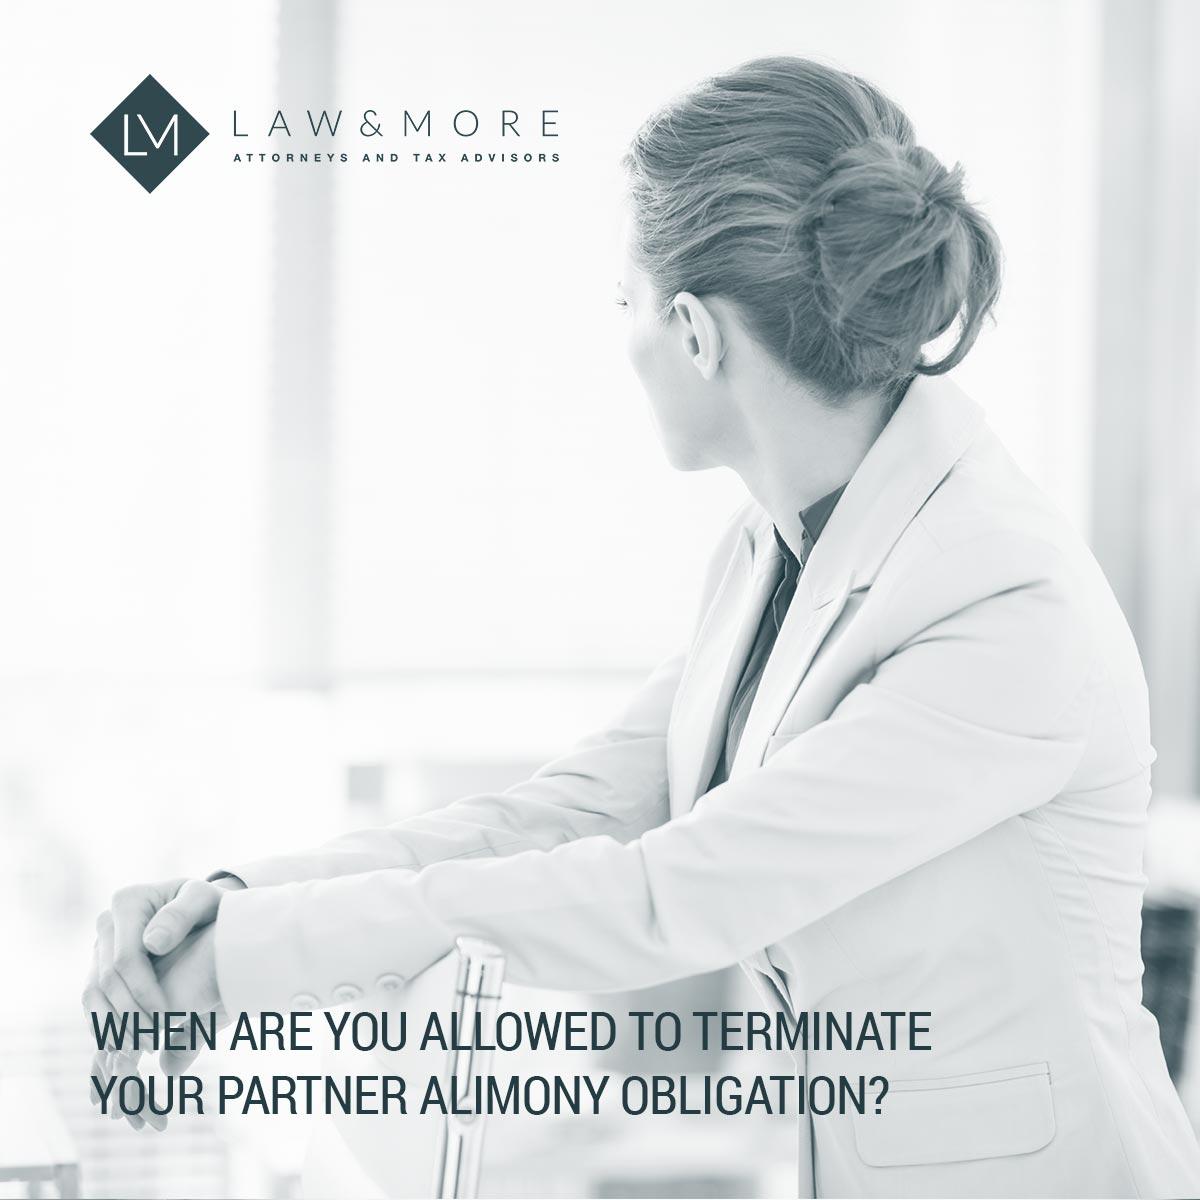 Kedy máte dovolené ukončiť svoju partnerskú povinnosť výživného?